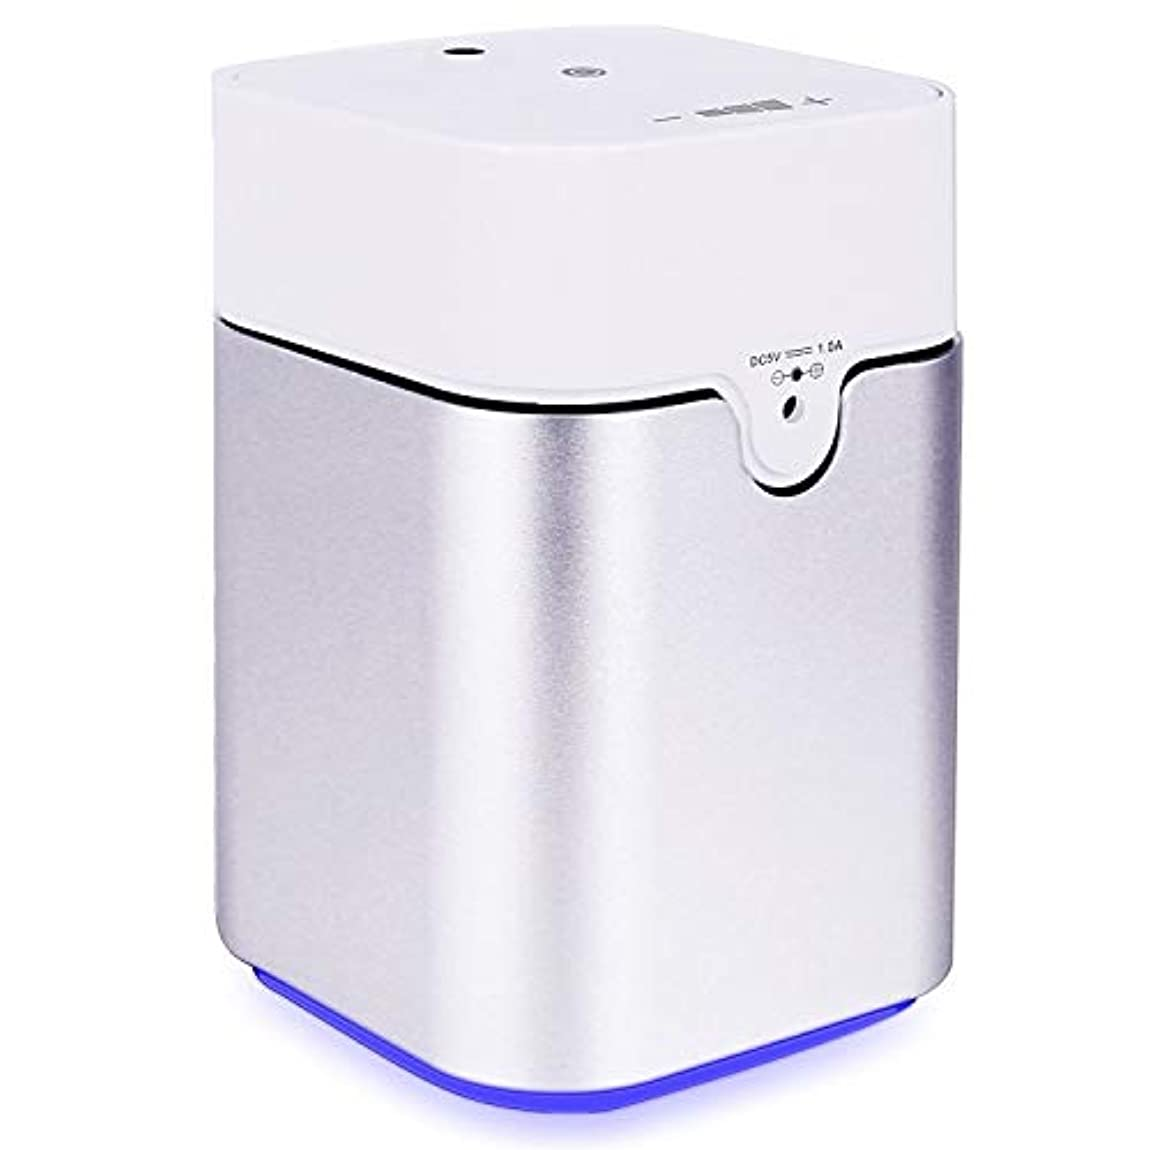 ENERG e's Pure アロマディフューザー ヨガ室 整体院人気 タイマー機能 ネブライザー式 量調整可能 精油瓶3個付き T11-ENS082